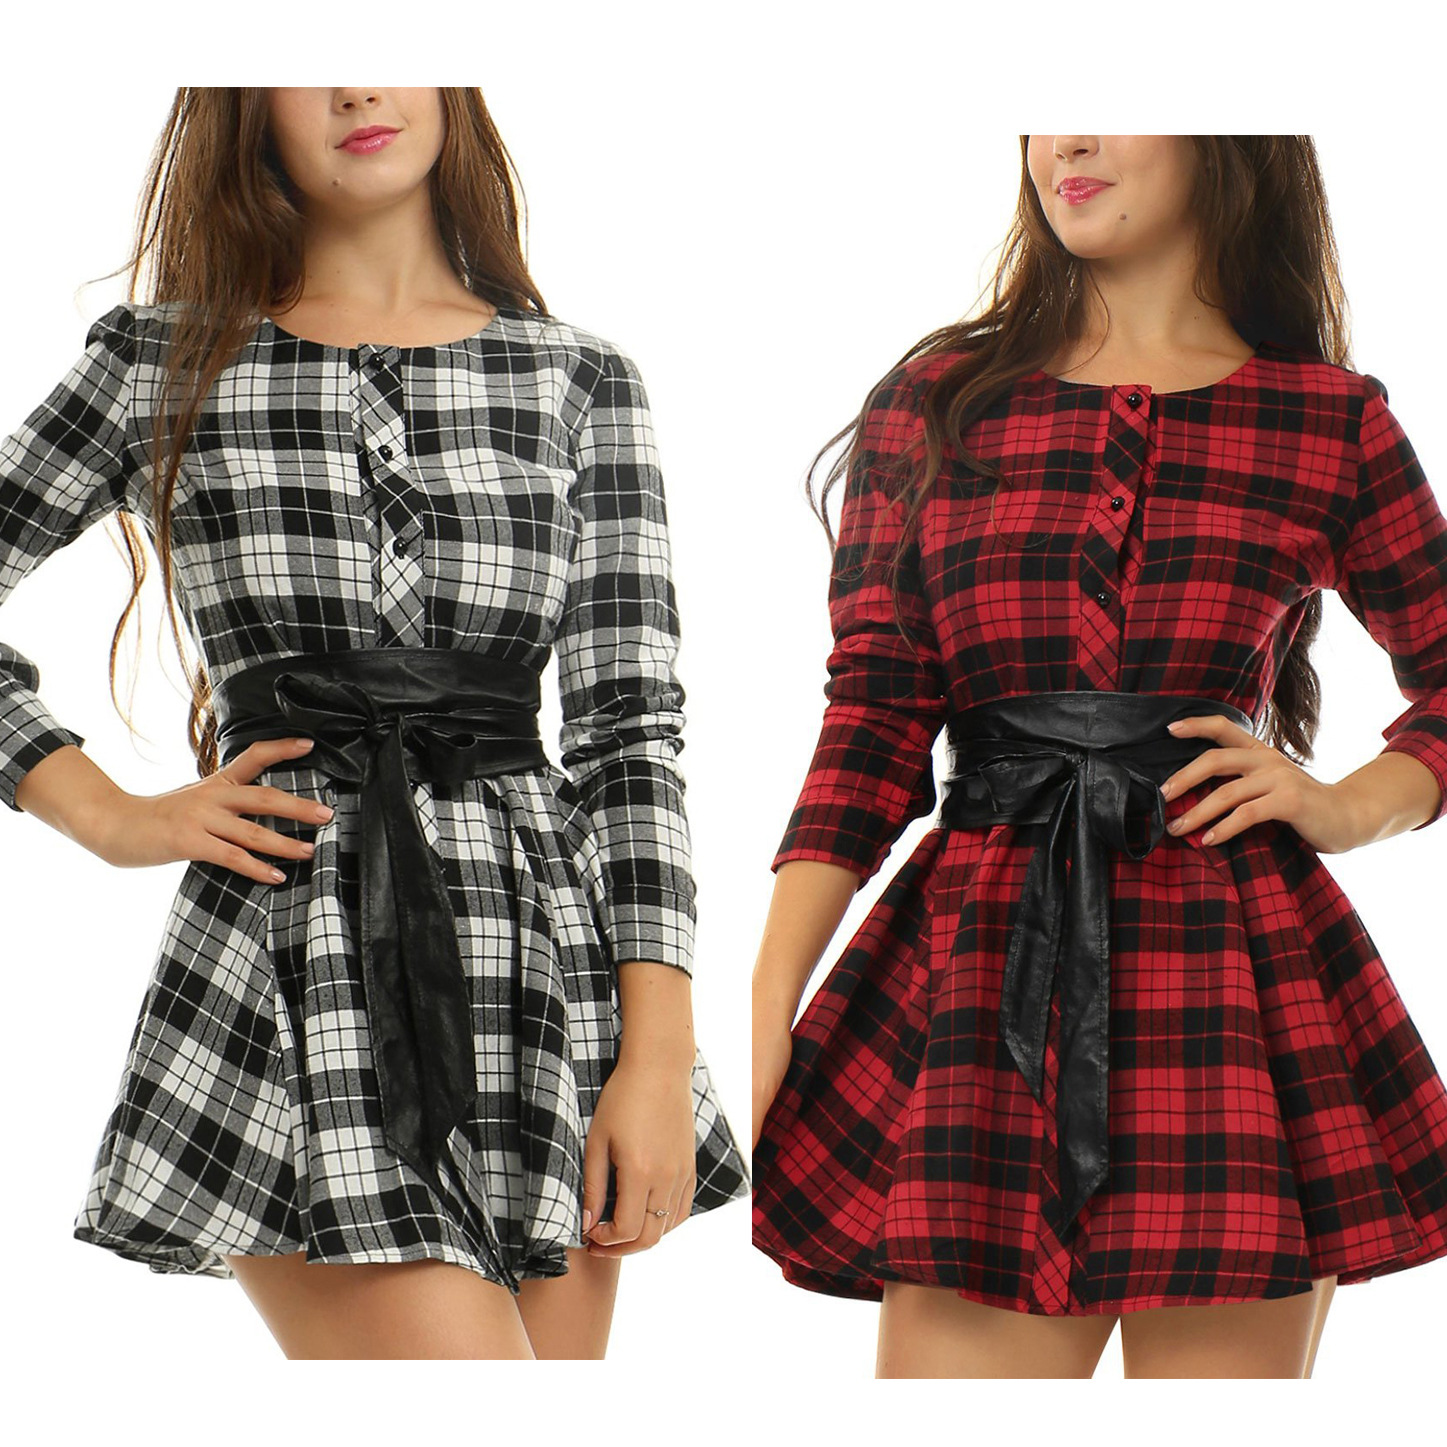 a959f2df4ea4a8 Kleider online shop amazon – Schöne Kleider dieser Saison